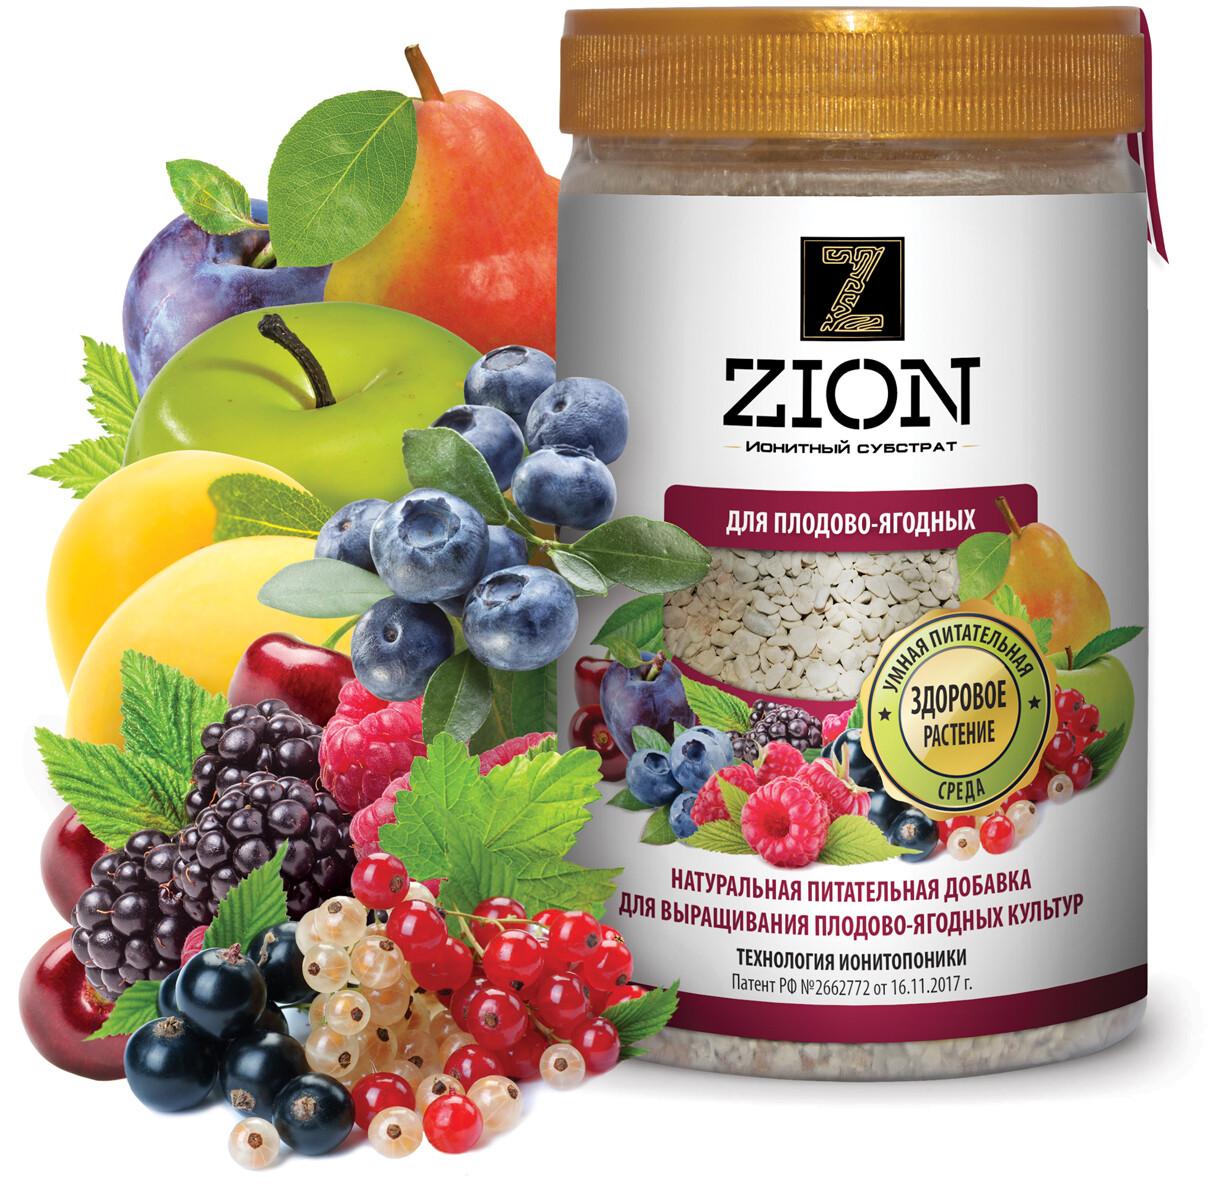 ЦИОН для плодово-ягодных Полимерный контейнер 700г.